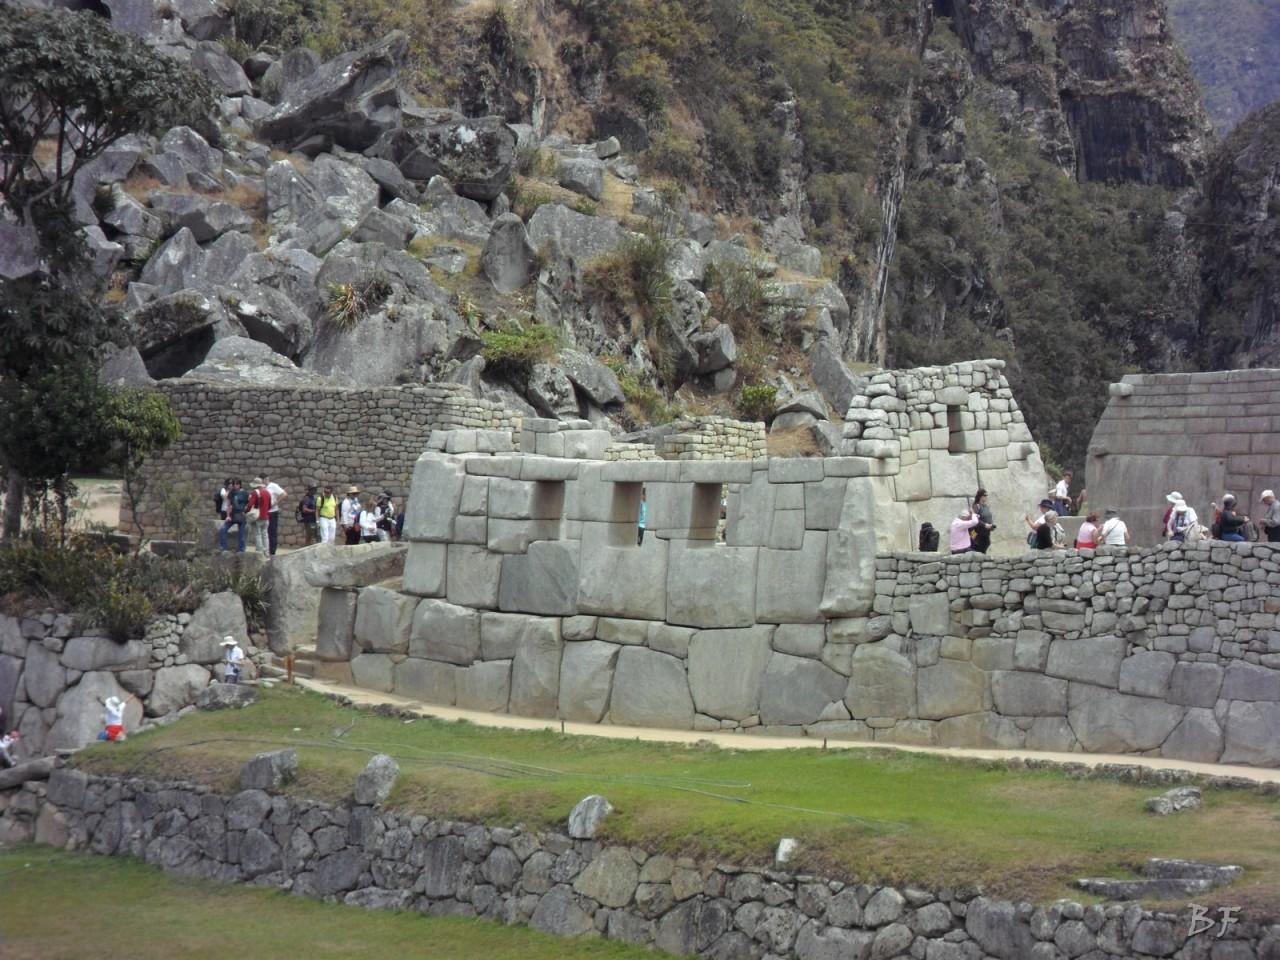 Mura-Poligonali-Incisioni-Altari-Edifici-Rupestri-Megaliti-Machu-Picchu-Aguas-Calientes-Urubamba-Cusco-Perù-140